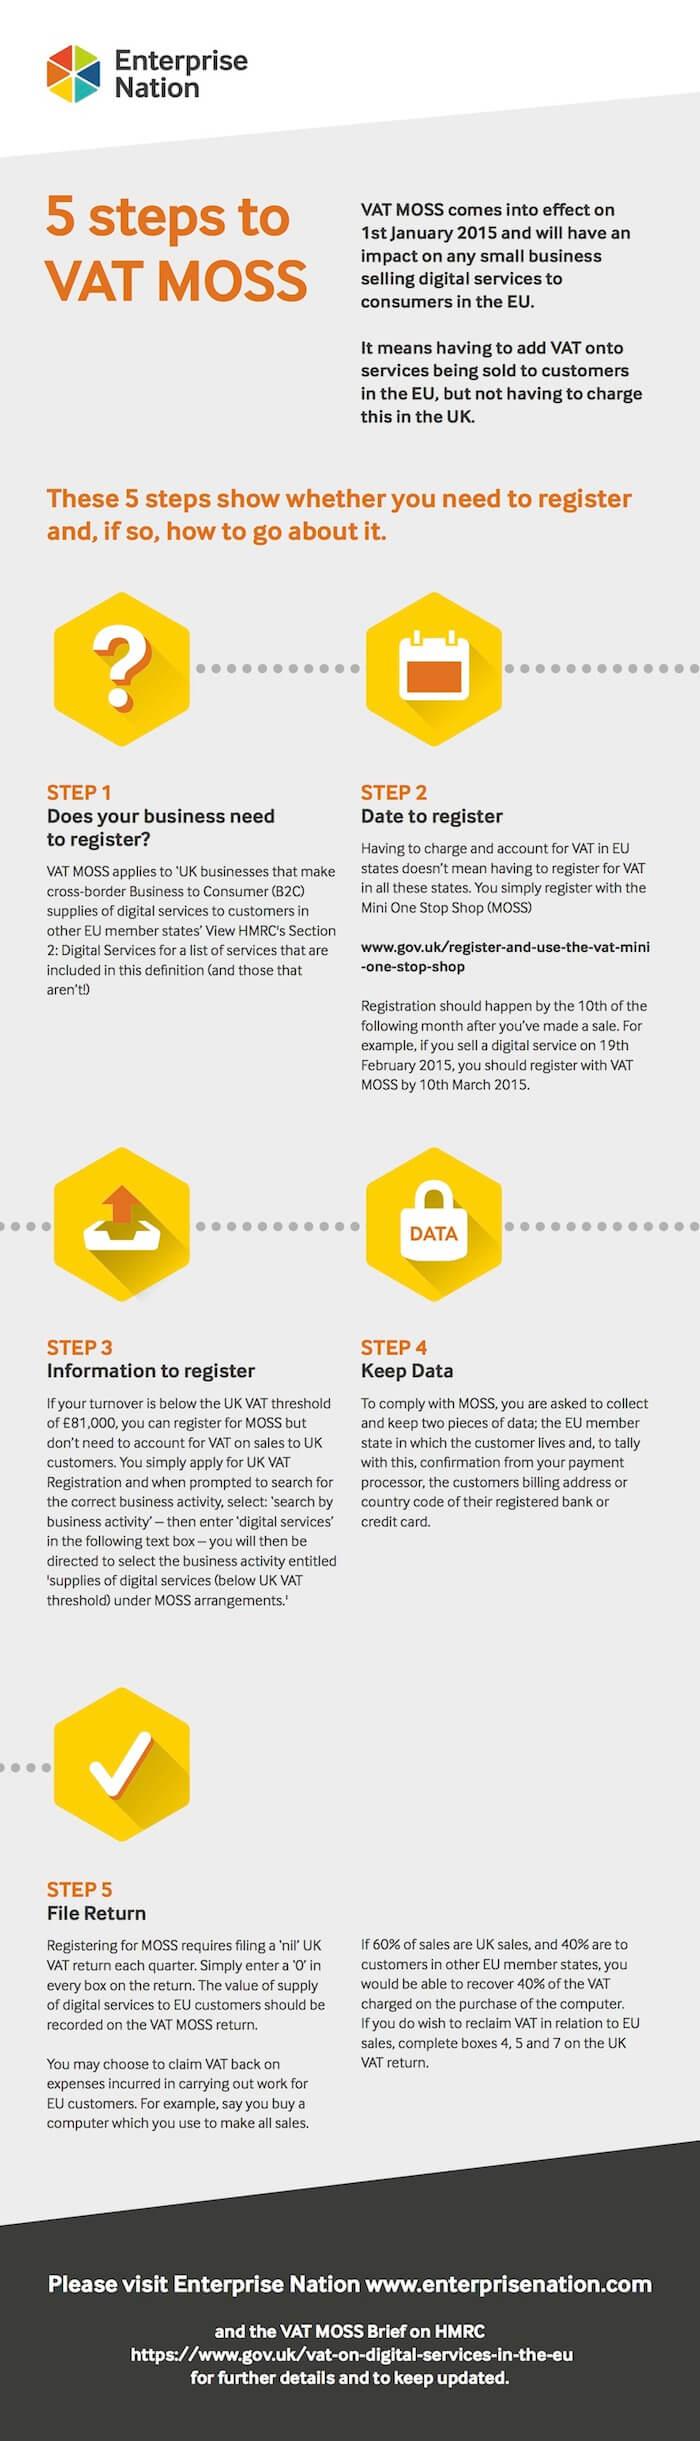 VAT MOSS compliance 5-step checklist